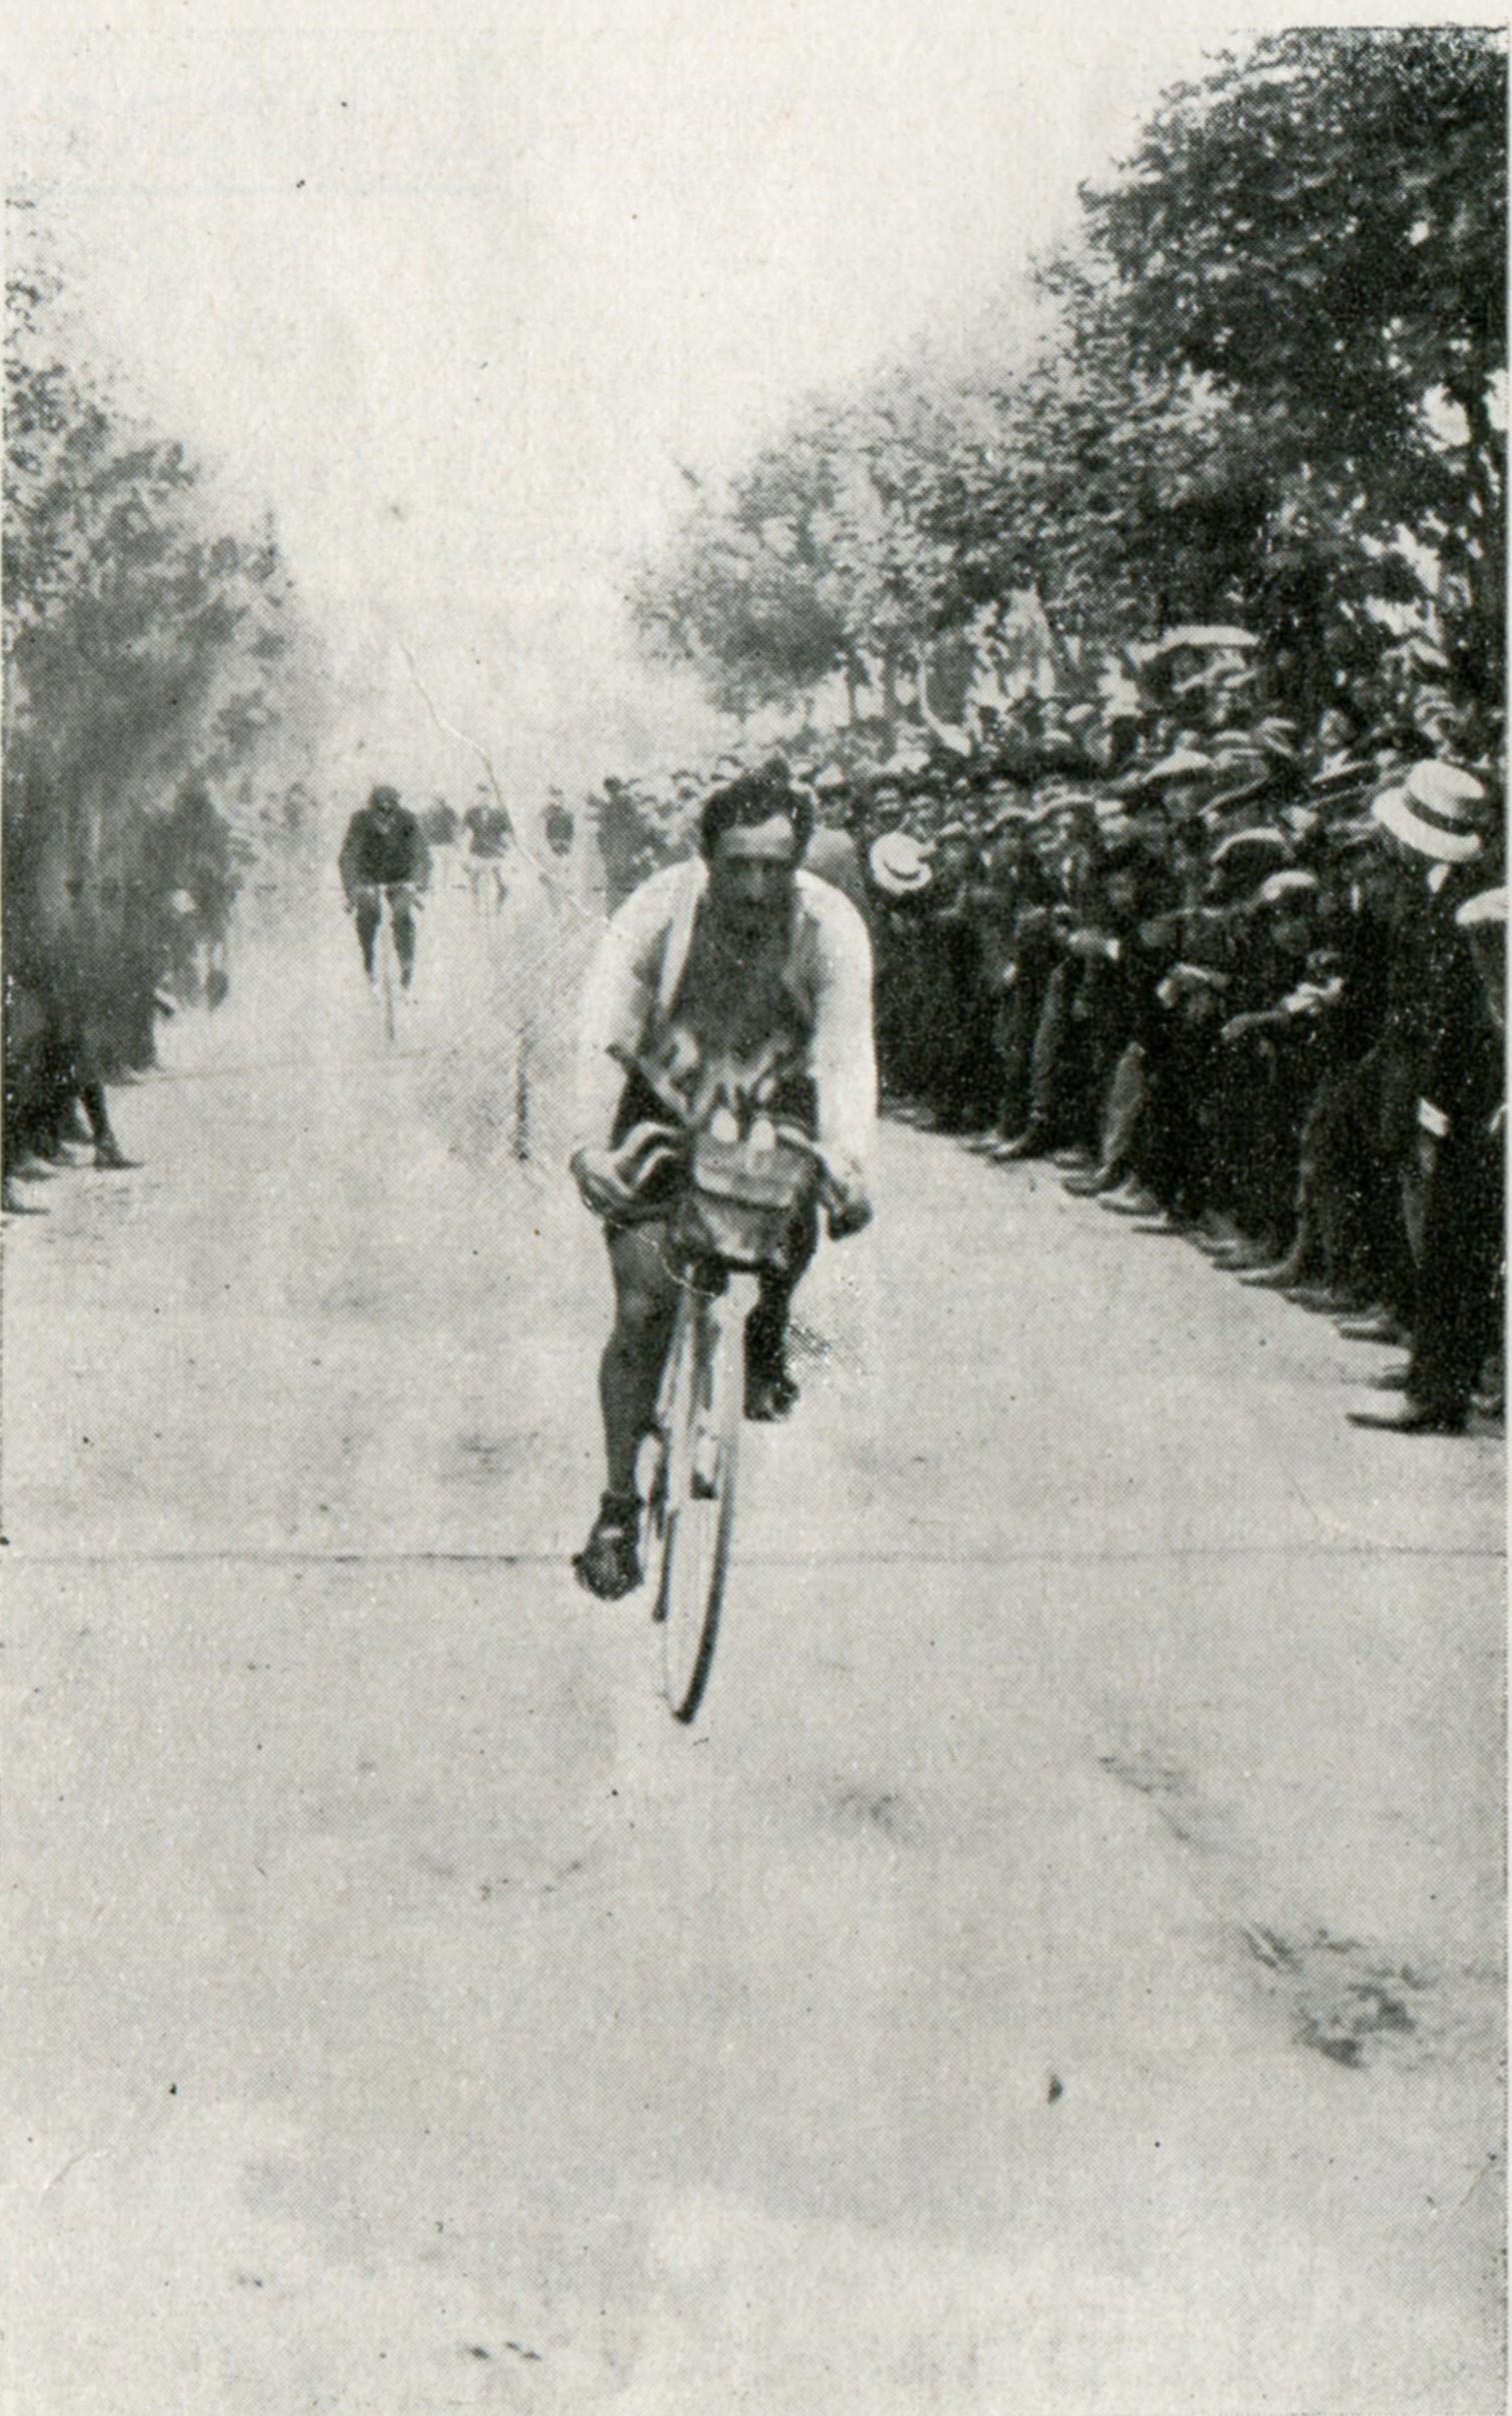 Carlo Galetti vince Tre Coppe Parabiago - 1911